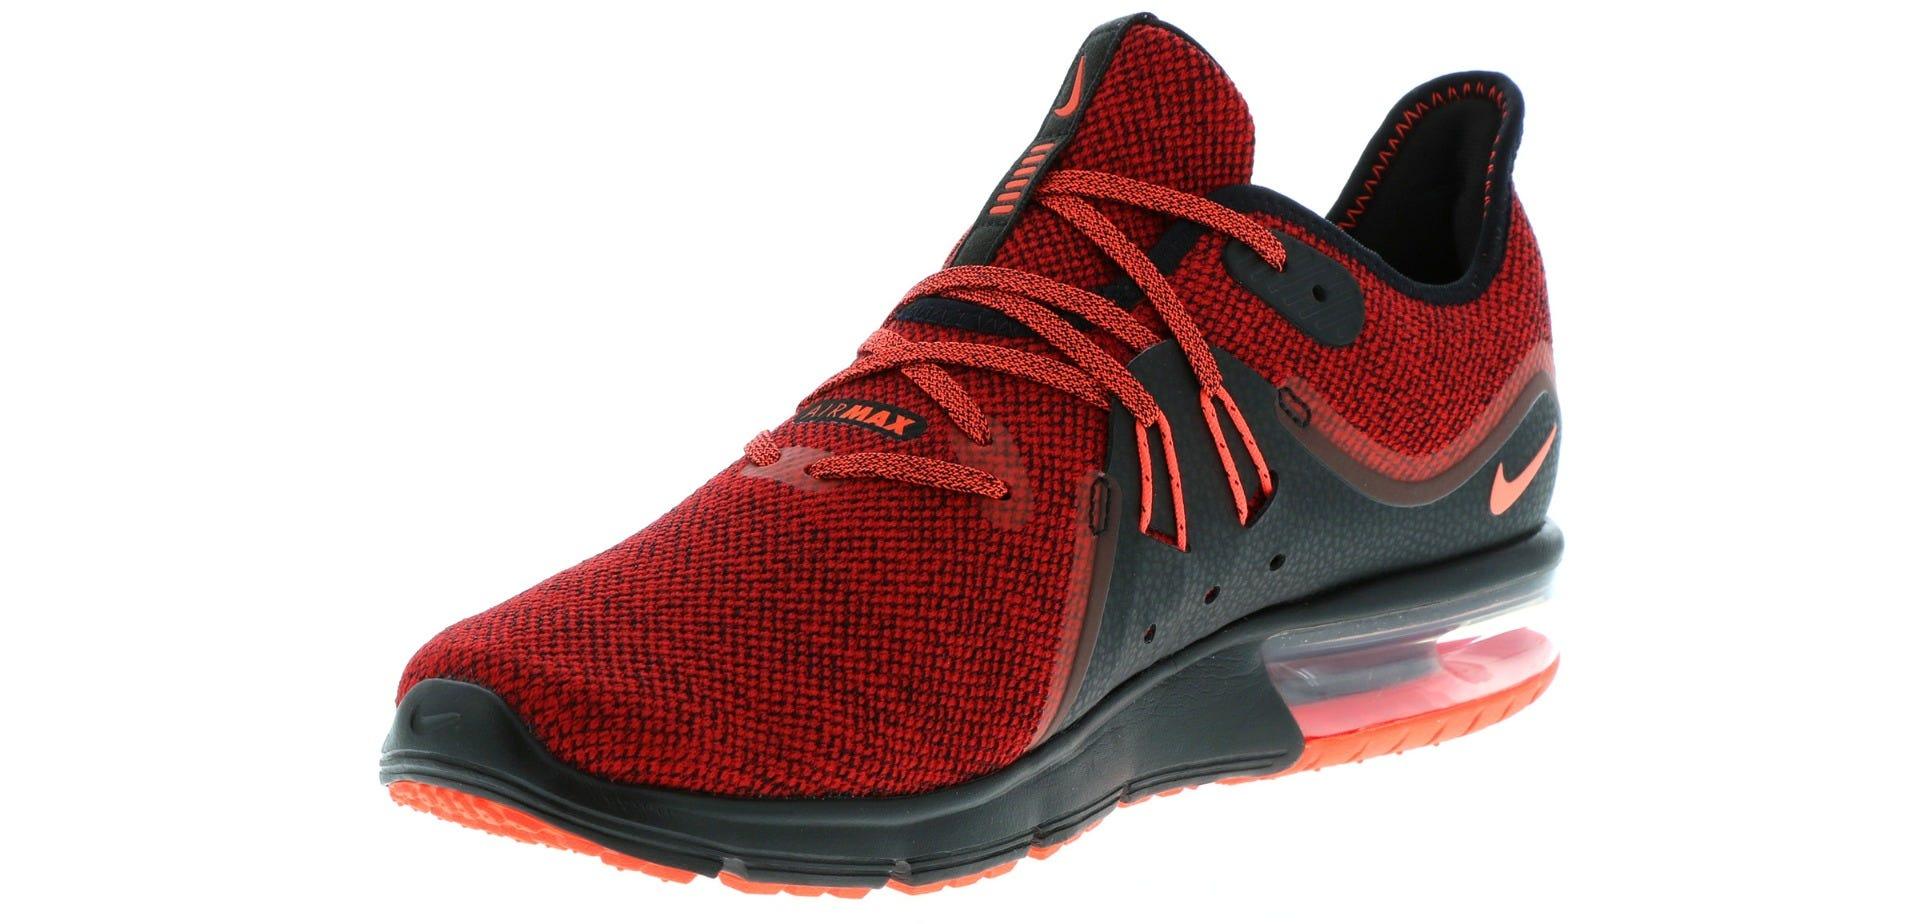 nouveau produit 1c68a 1480a Men's Nike Air Max Sequent 3